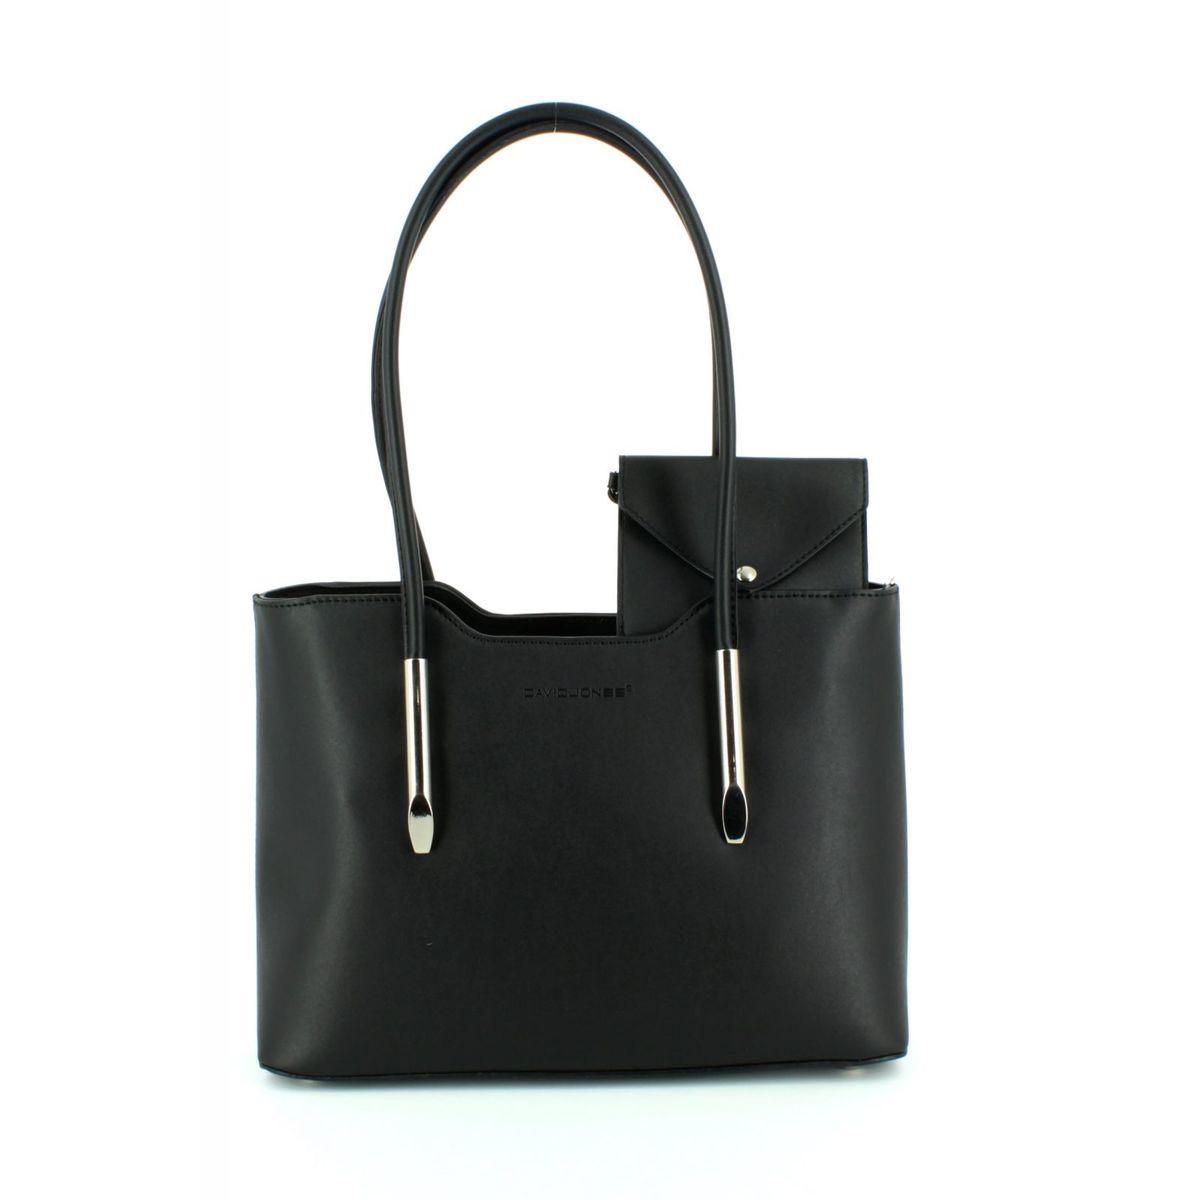 David Jones Handbag Black 5511 13 1 Hobo